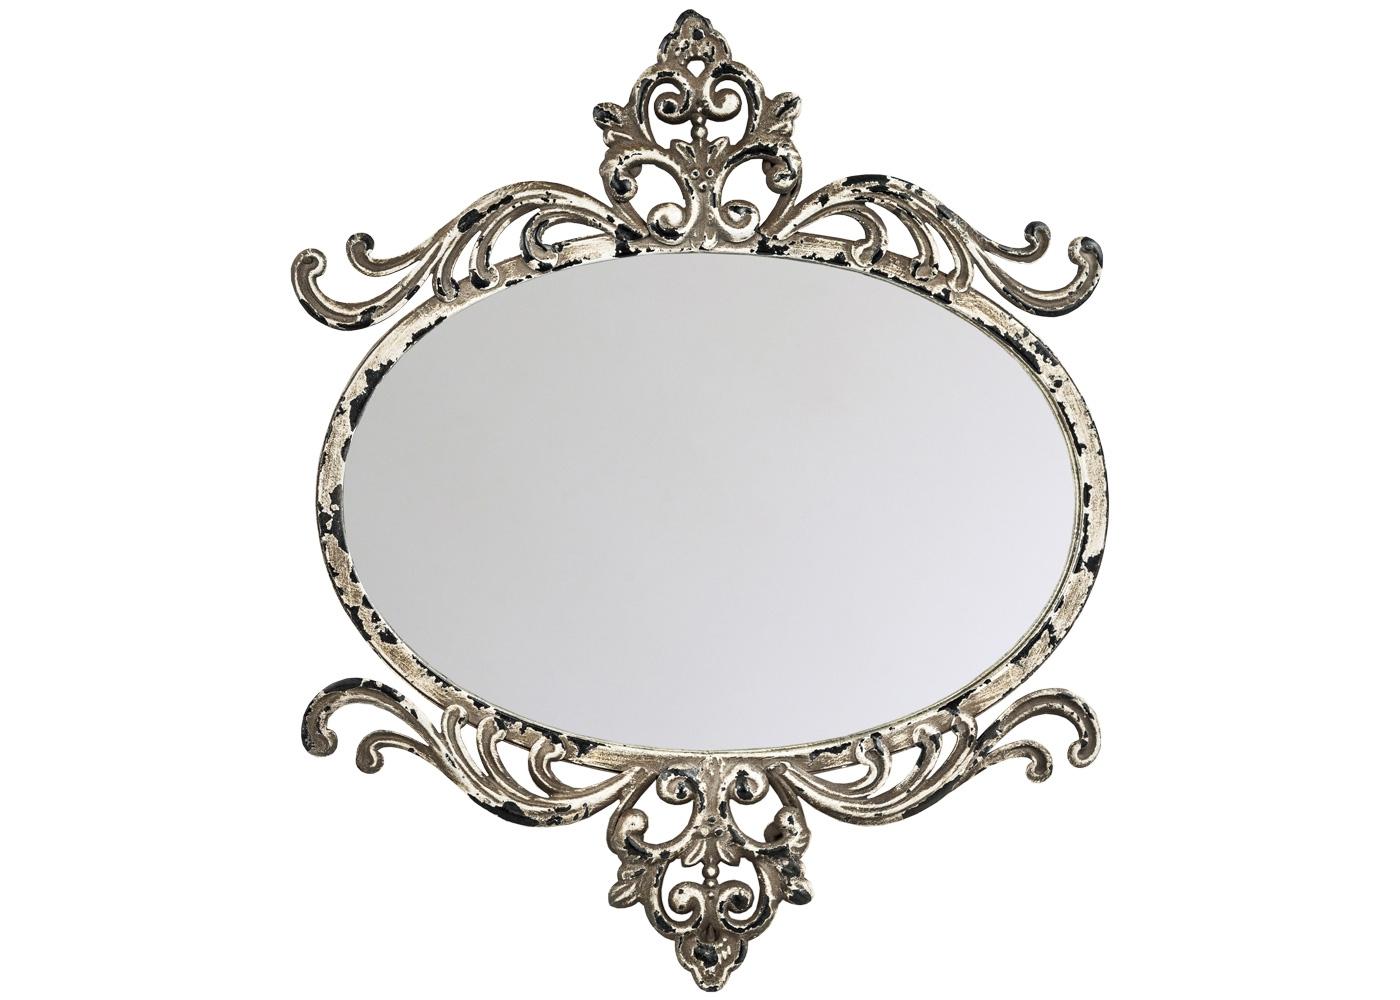 Настенное зеркало «Моджо»Настенные зеркала<br>Являясь прямым наследником французского классицизма, зеркало &amp;quot;Моджо&amp;quot; не чуждо интерьерам в жанрах ампира, ренессанса, барокко, рококо, романского стиля. Отдельная рекомендация - ультрамодному &amp;quot;лофту&amp;quot;, неравнодушному к искусно состаренным интерьерам. Приглушенные античные тона металлической оправы не только смягчают интерьерную гамму, но и уверенно сочетаются с любым окружающим фоном. Особым уютом располагает искусственная патина, рукописно украсившая тонкие грани роскошного дворцового узора.<br><br>Material: Металл<br>Ширина см: 40.0<br>Высота см: 33.0<br>Глубина см: 2.0